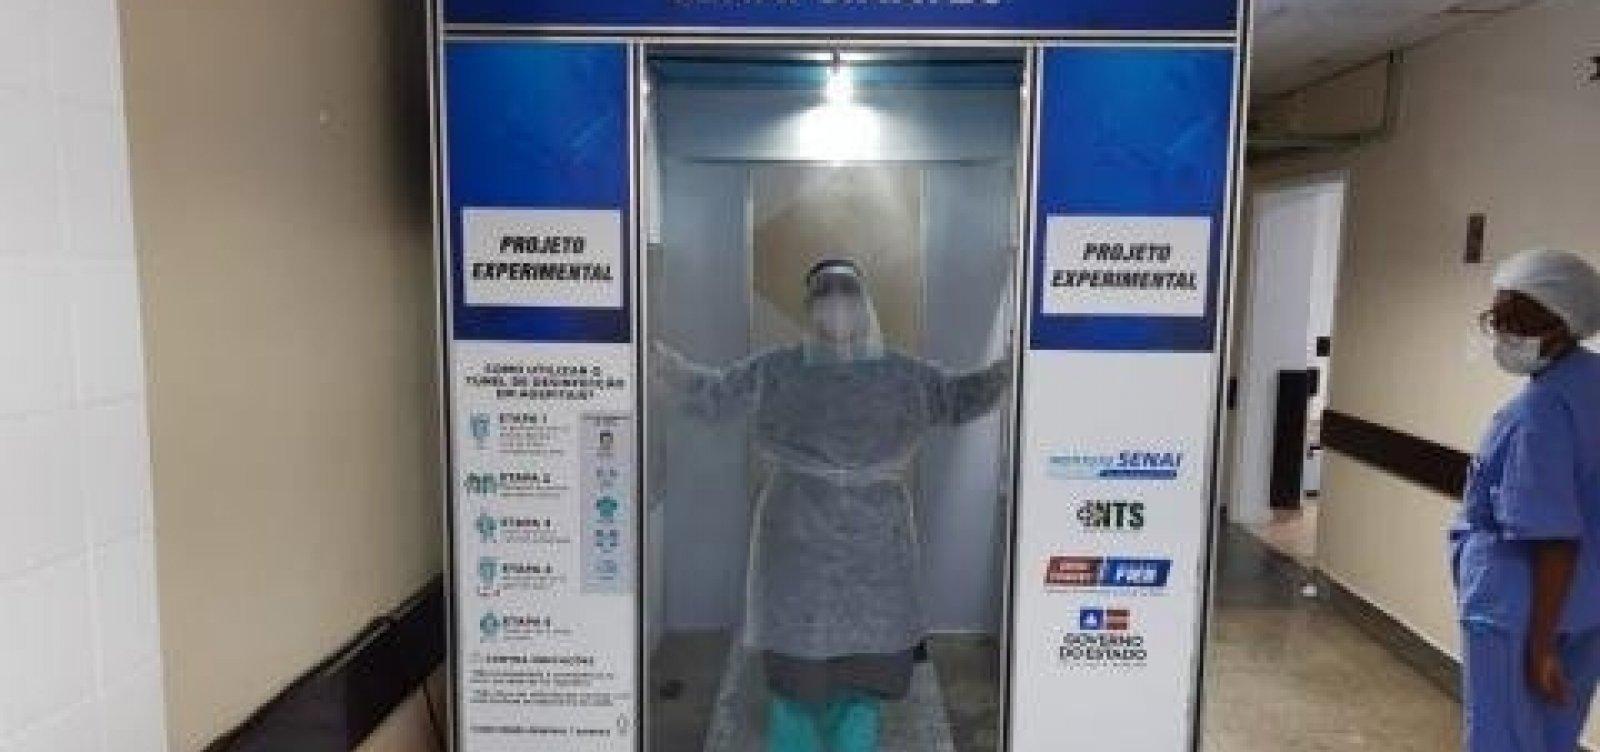 [Túneis de desinfecção são instalados em hospitais de Salvador]